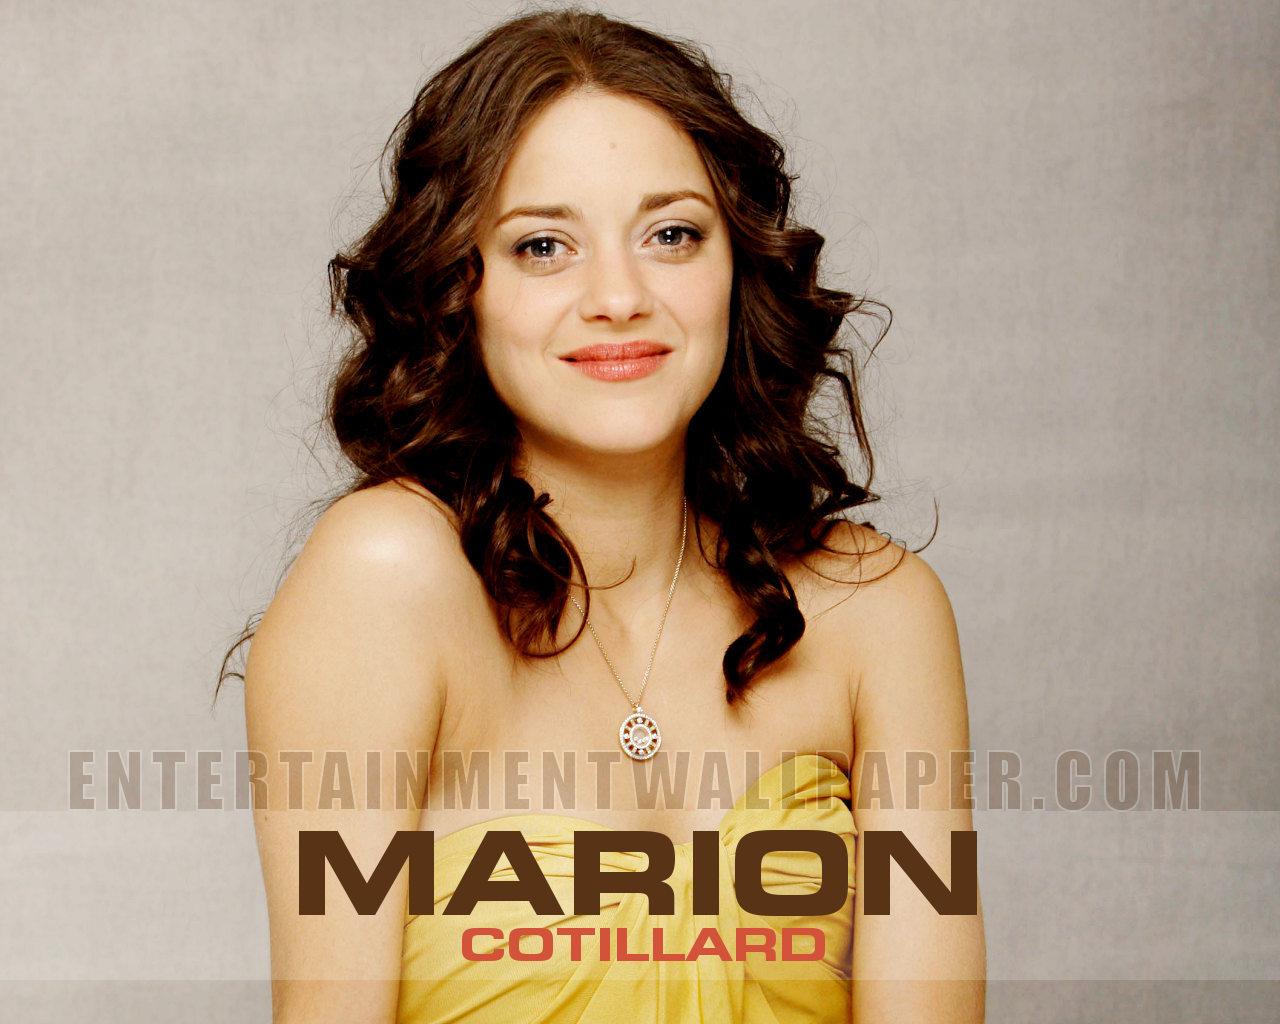 http://3.bp.blogspot.com/-c5zExHLiK4w/T8yEEVvRgWI/AAAAAAAADLo/ic8rDBJjoYo/s1600/Marion-Cotillard+new+pic+2012+02.jpg